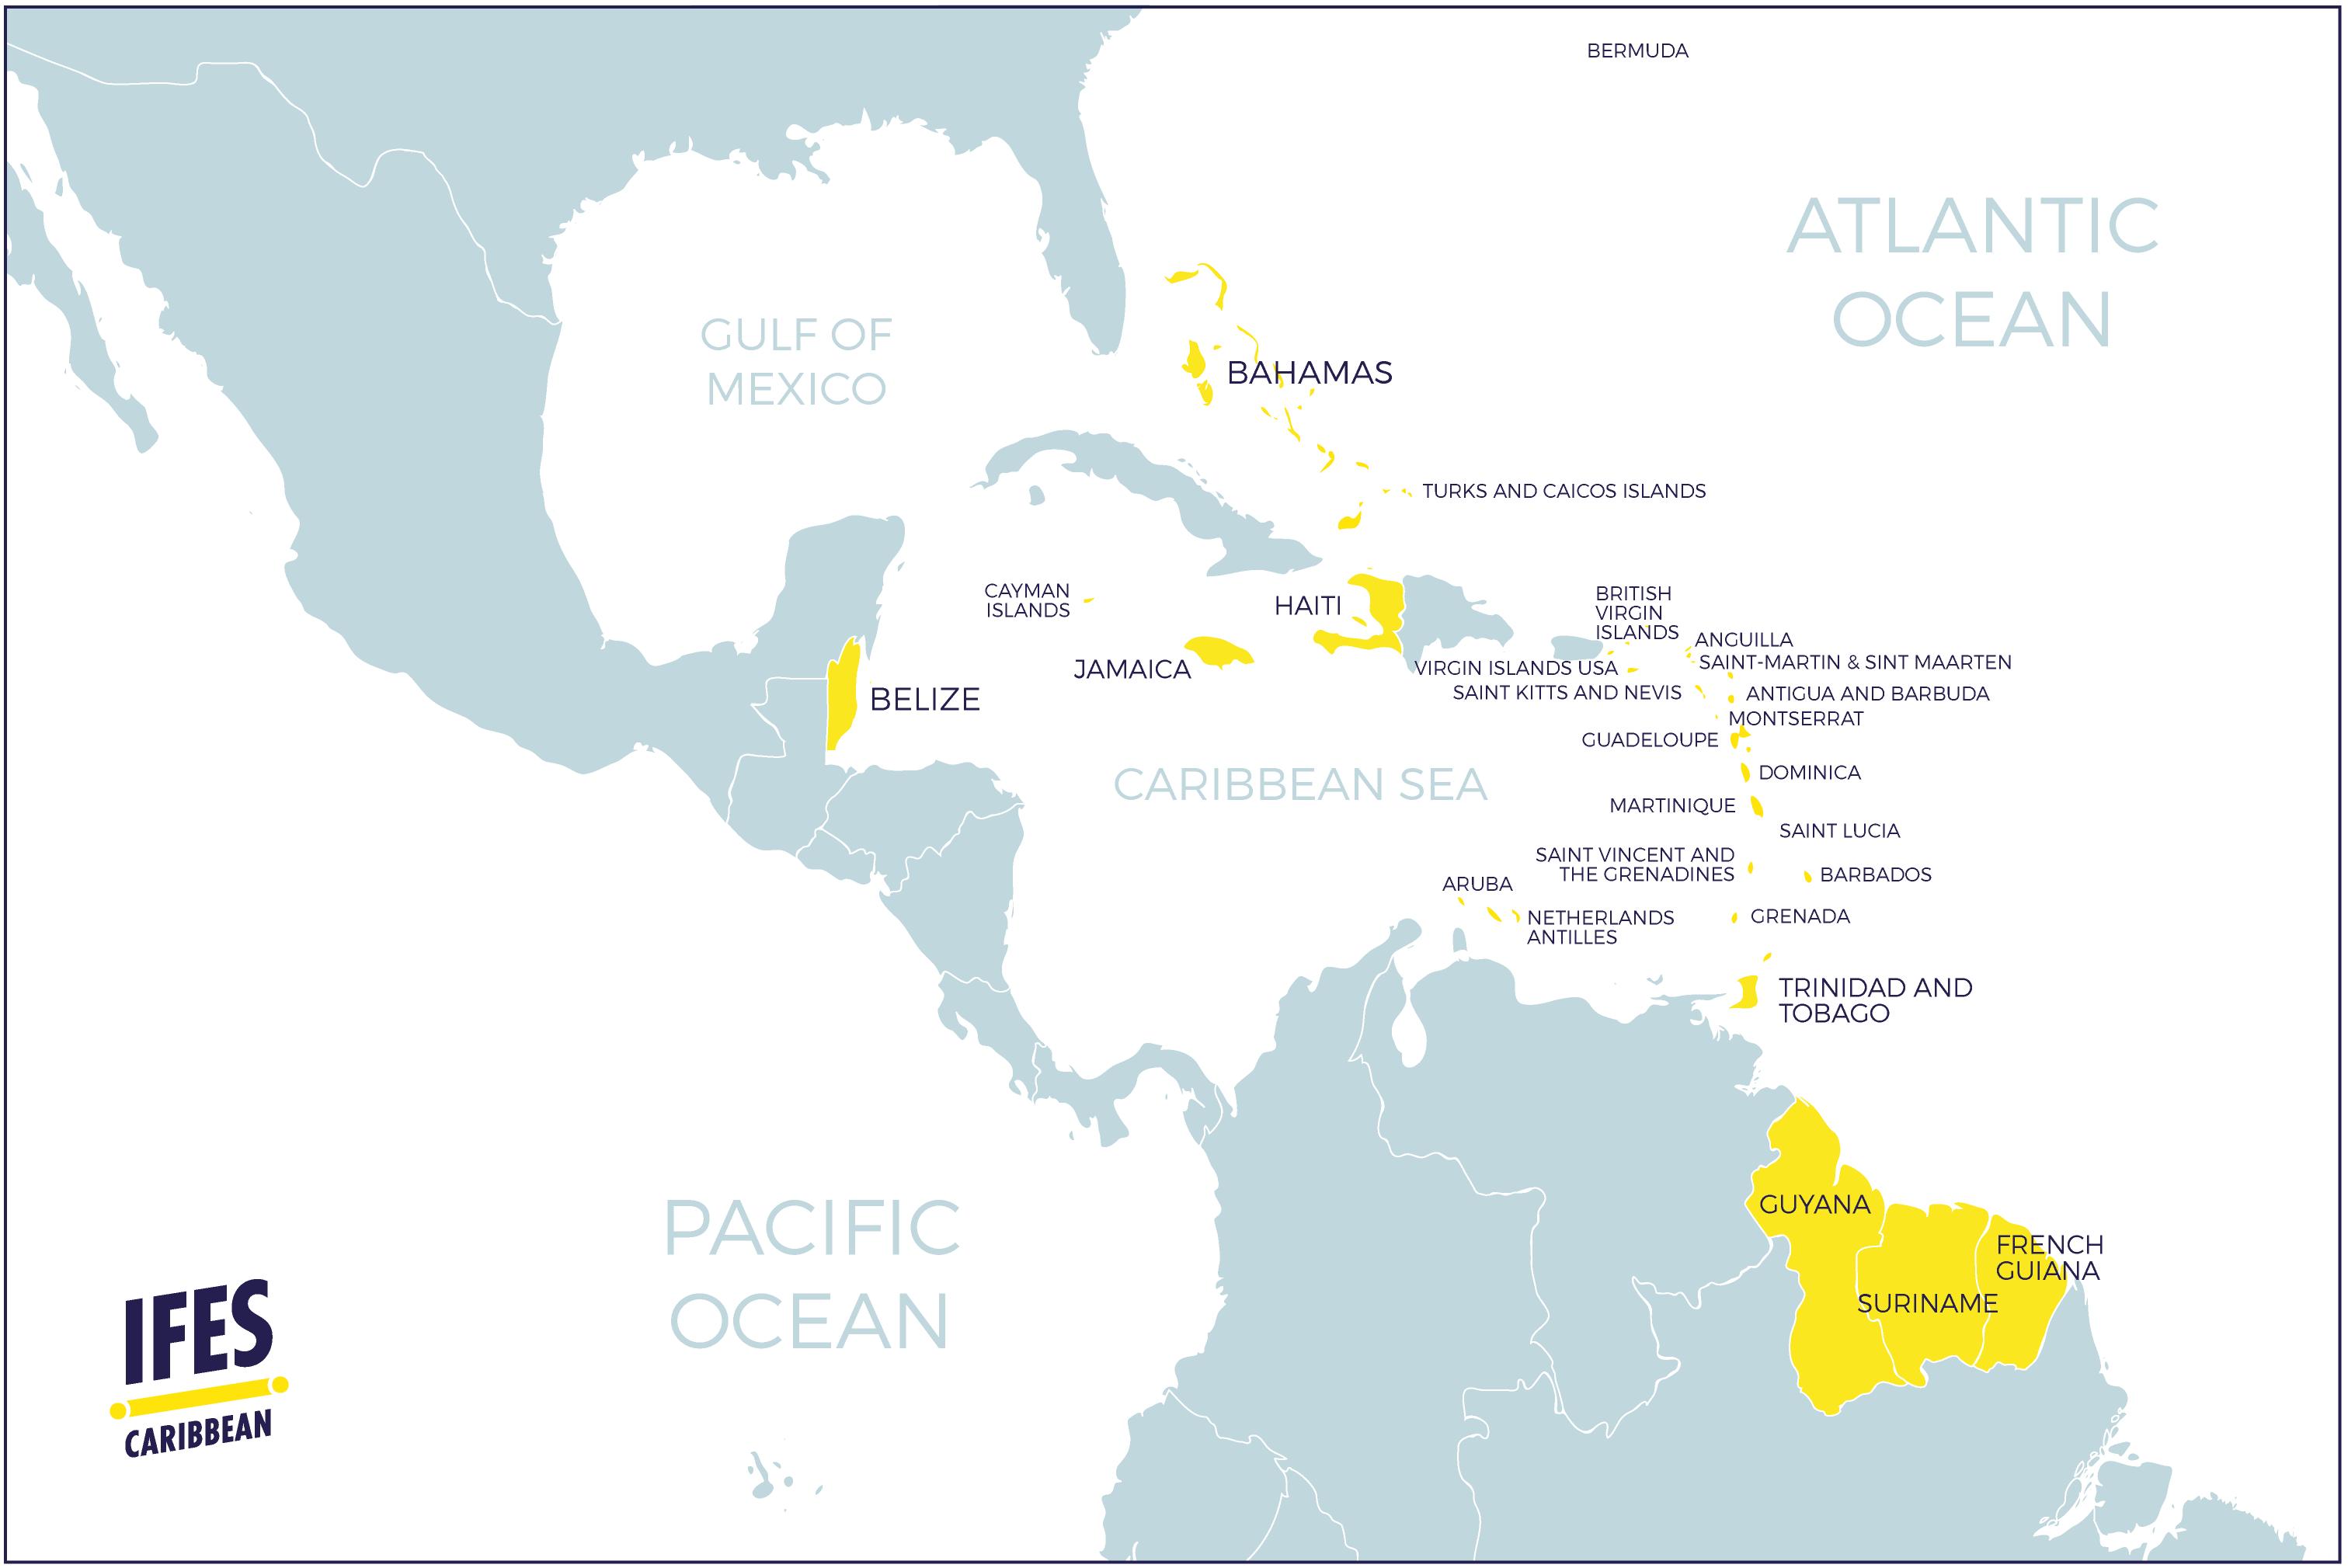 Caribbean · IFES